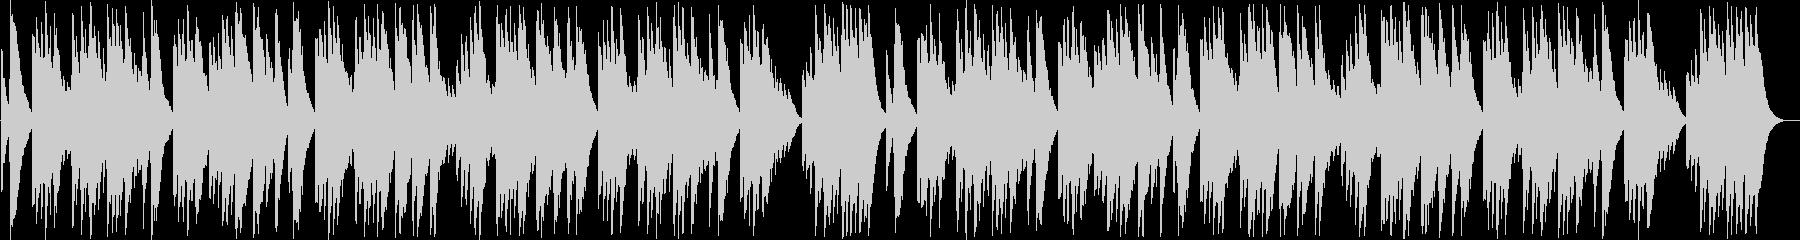 トロイメライ / シューマンの未再生の波形